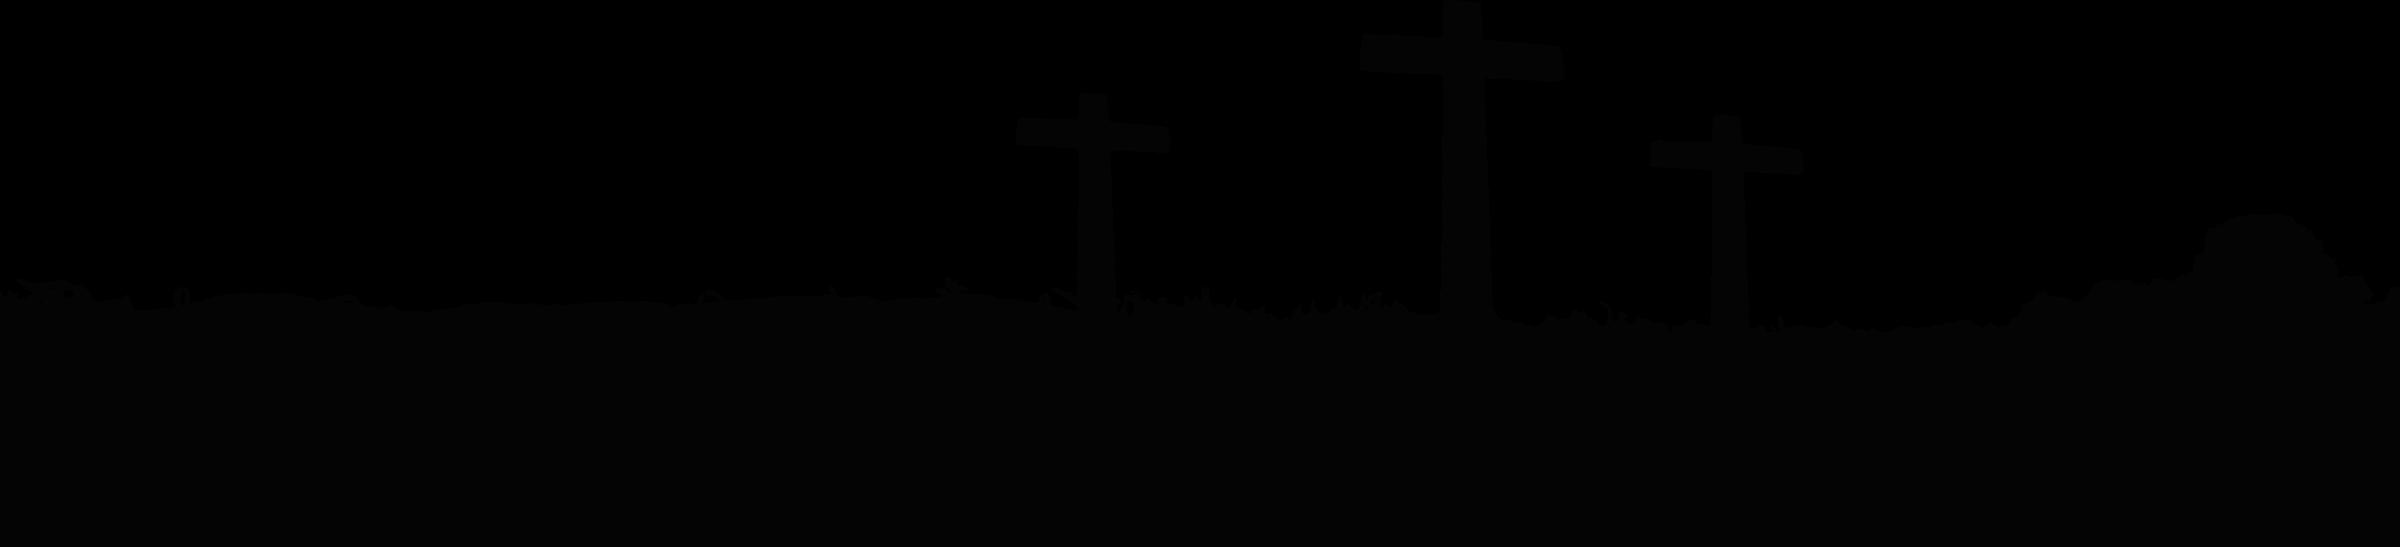 Clipart crosses landscape big. Cross clip art silhouette